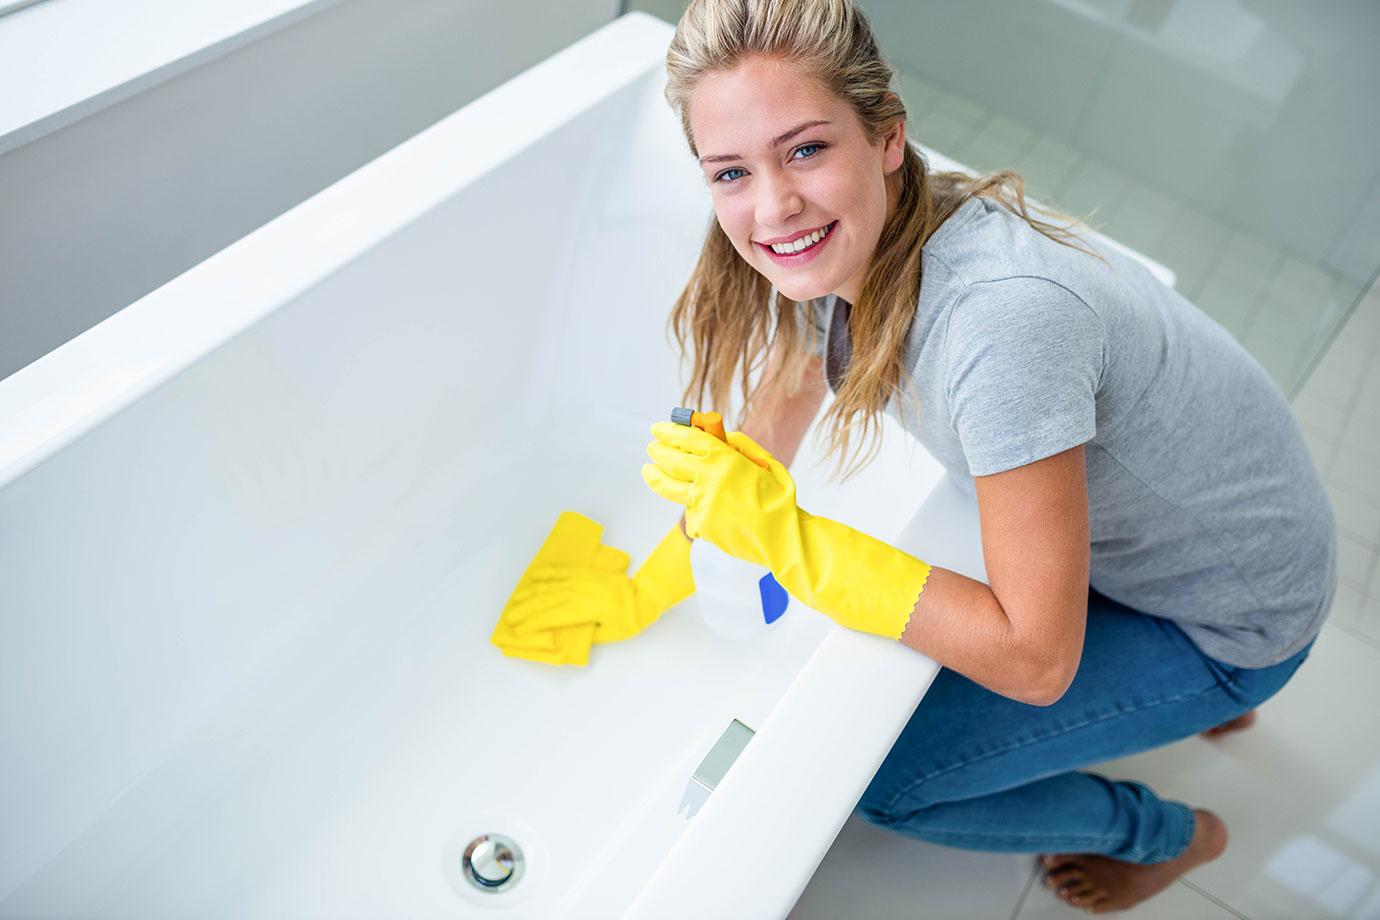 使わないと時間を無駄にする!風呂掃除を時短できる便利な掃除グッズ6選